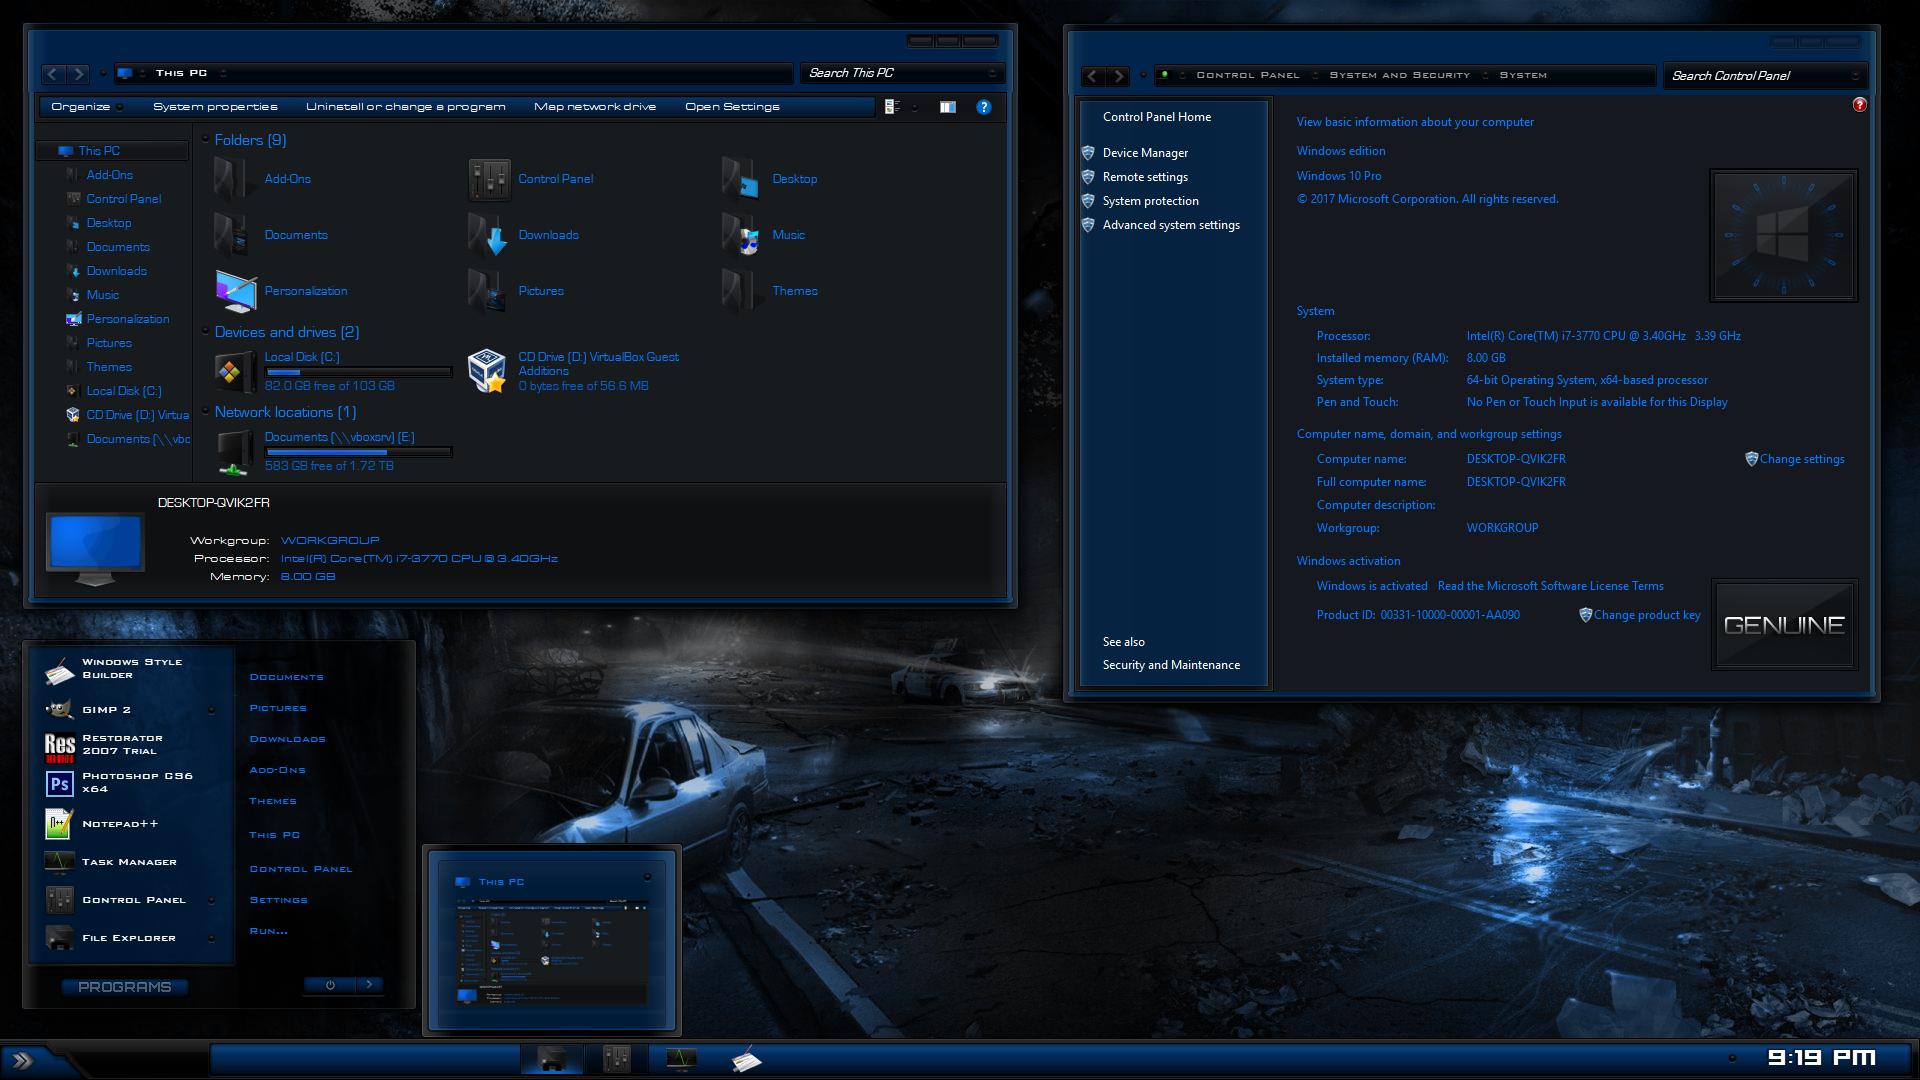 Blue Thunder For Windows 10 Build 1903-21h2